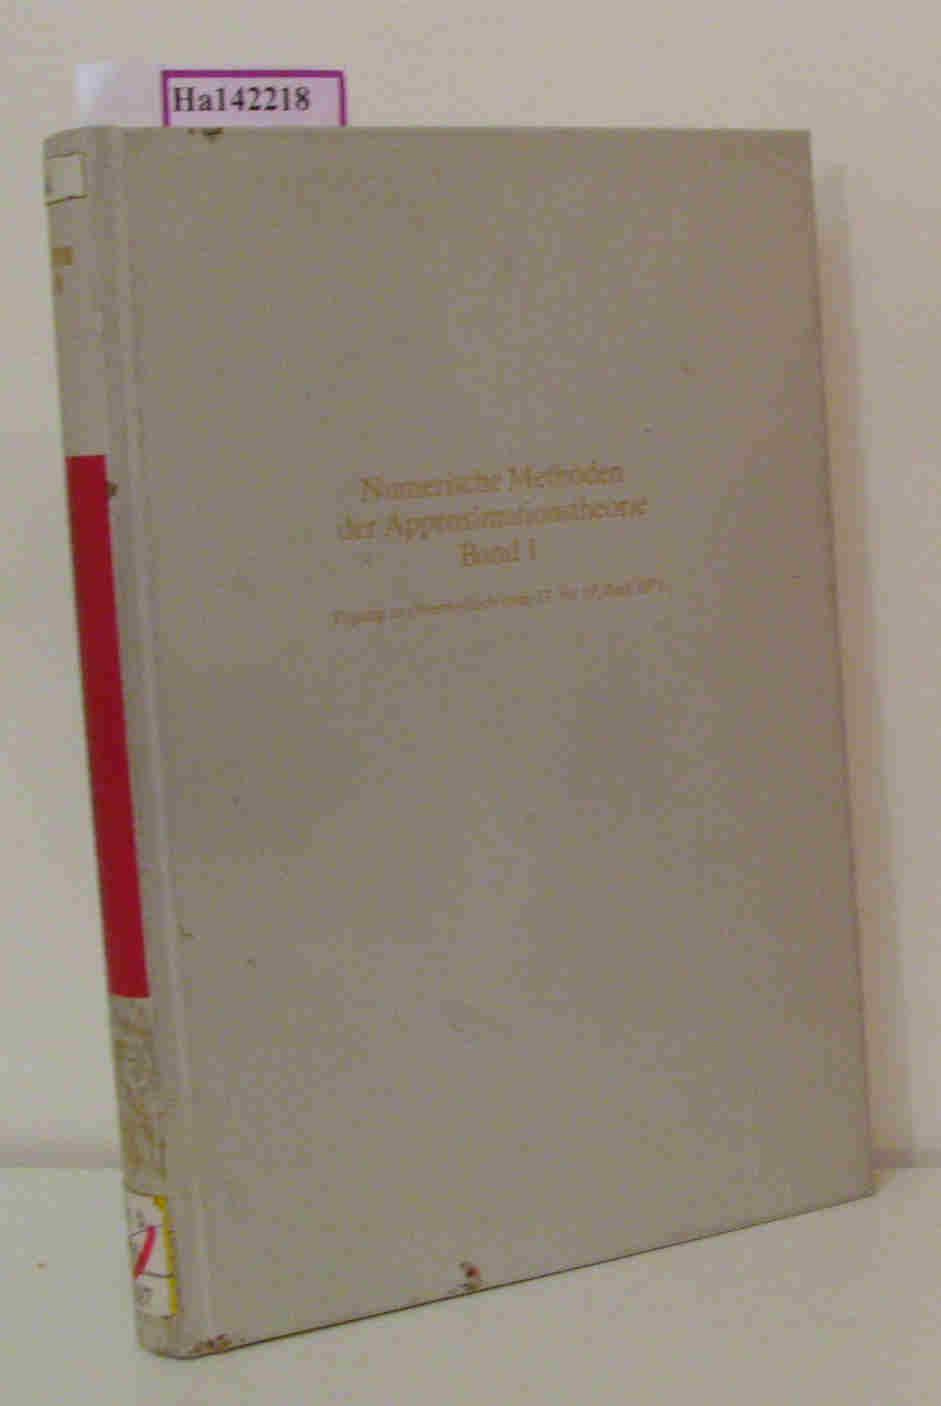 Numerische Methoden der Approximationstheorie. Band 1. Vortragsauszüge der Tagung über numerische Methoden der Approximationstheorie vom 13. bis 19. Juni 1971 im Mathematischen Forschungsinstitut Oberwolfach (Schwarzwald).